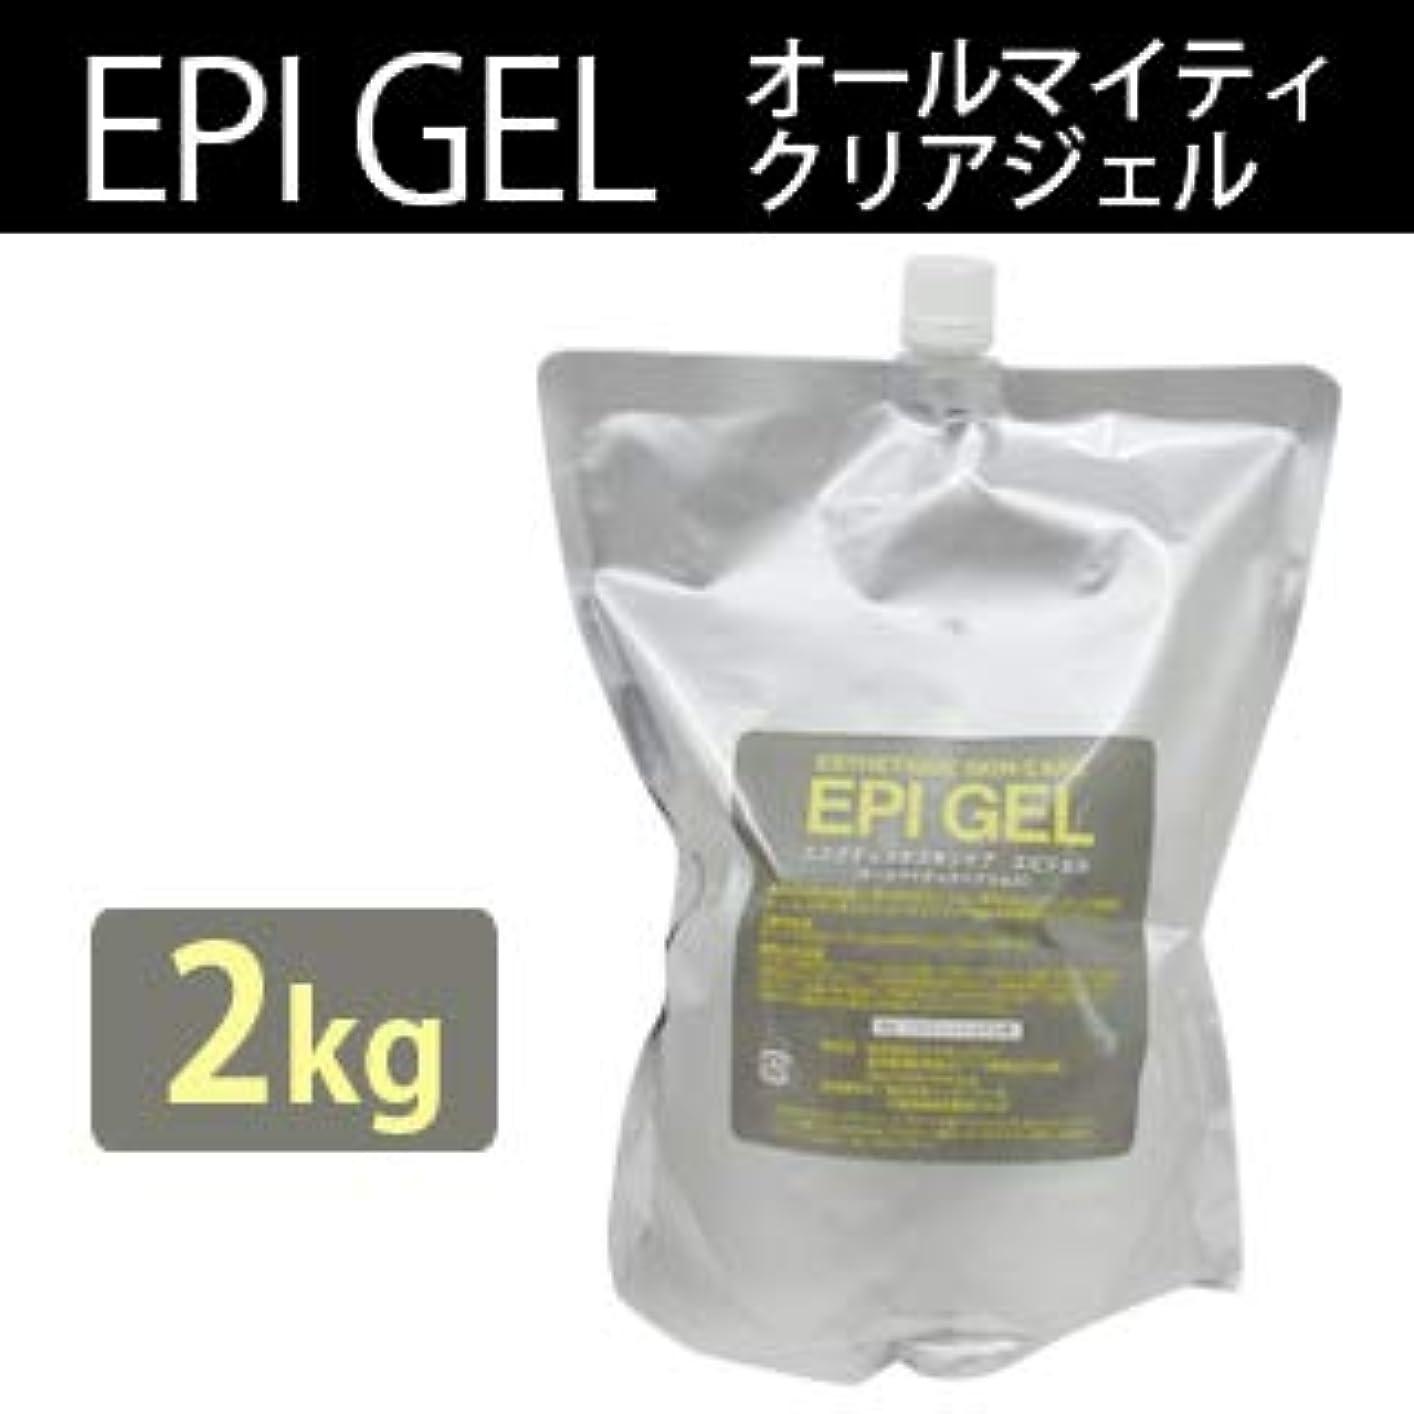 層億役割エステティック スキンケア エピジェル 2kg クリアジェル (1個)